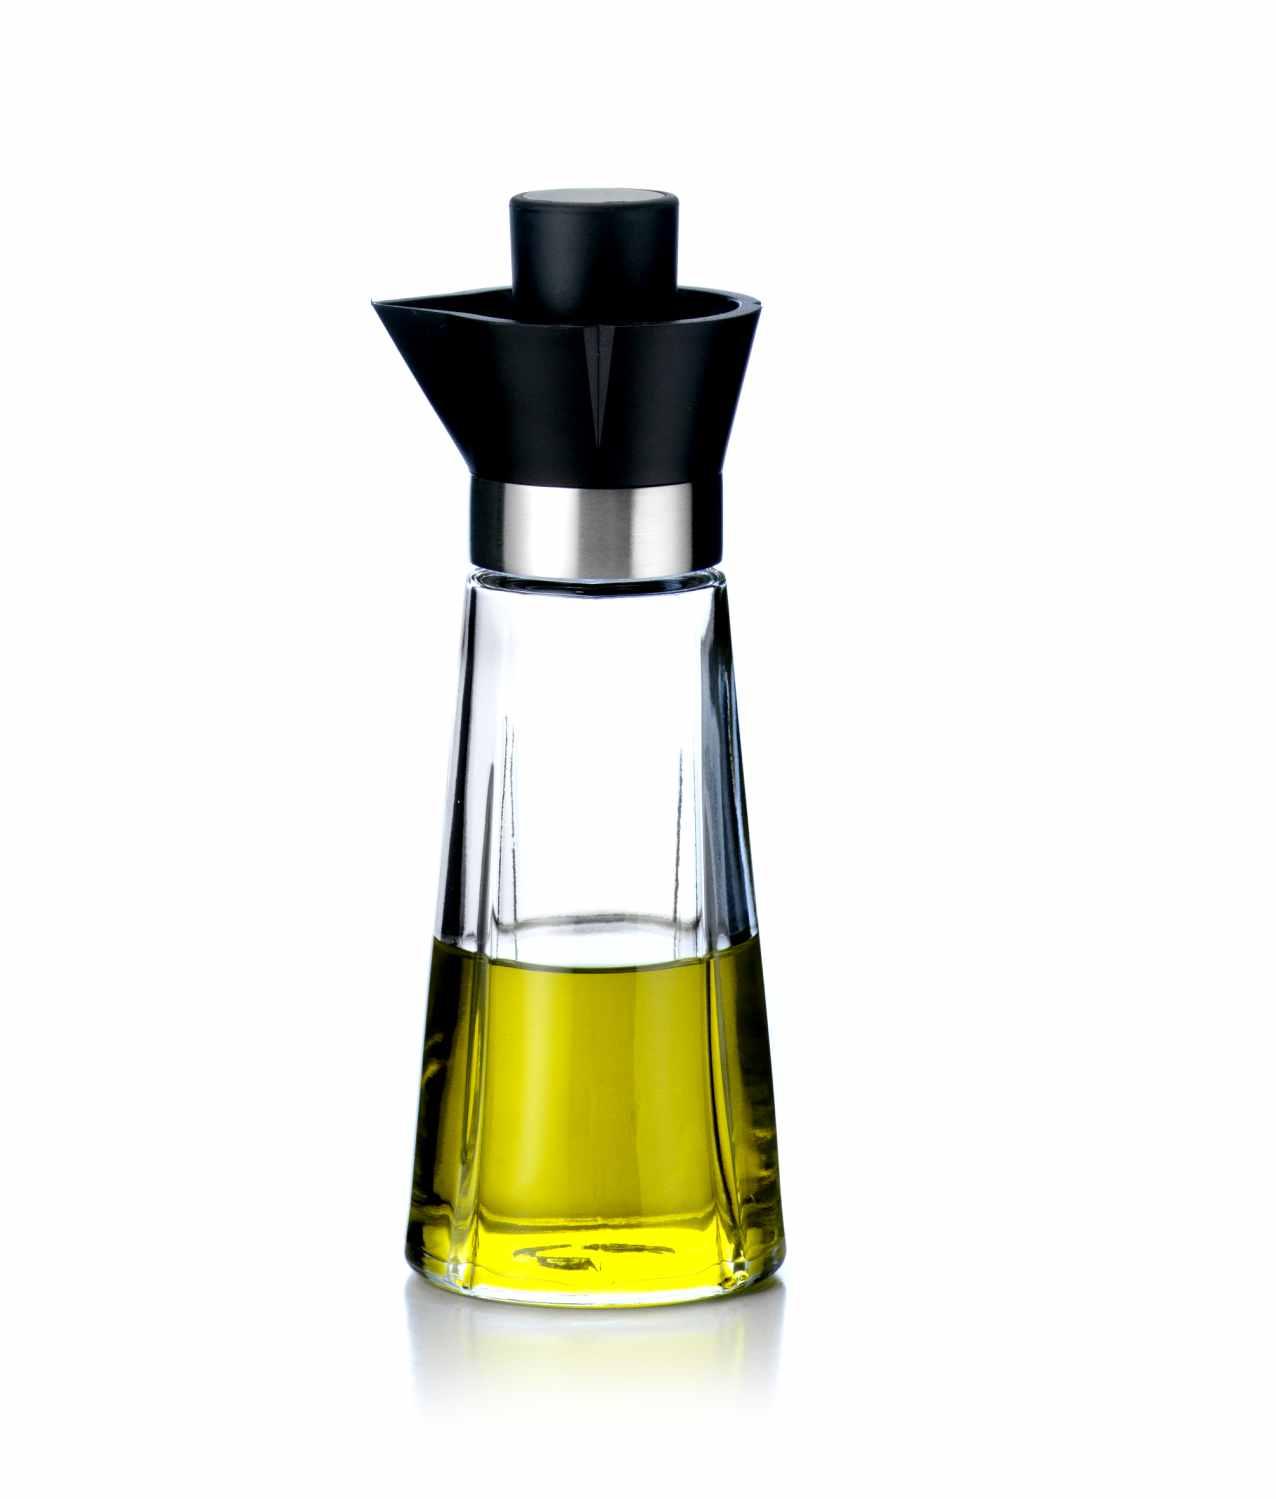 Grand Cru Olje- & vinägerflaska Glas Klar 185 cm